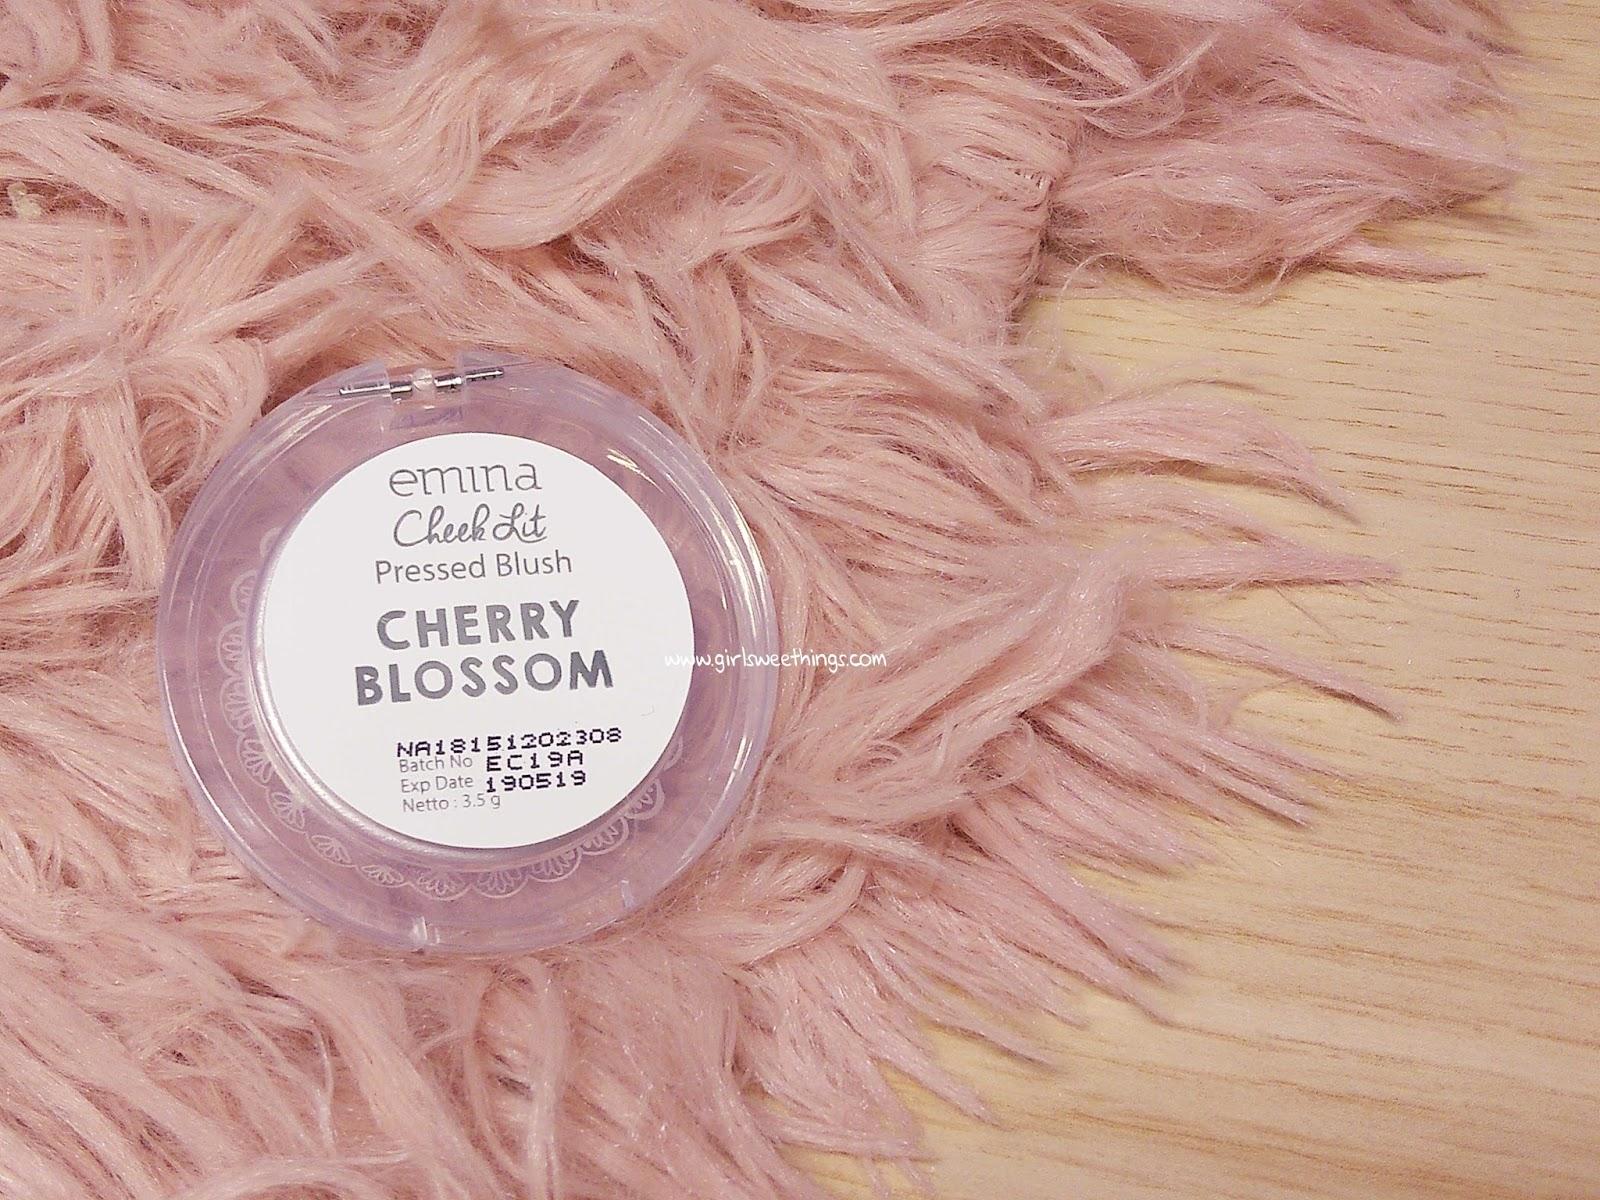 Review Emina Cheeklit Pressed Blush Girlsweethings Overall Saya Cukup Suka Dengan Packagingnya Yang Simple Dan Cute Memang Terkenal Desain Imut Nan Gemaaasshh